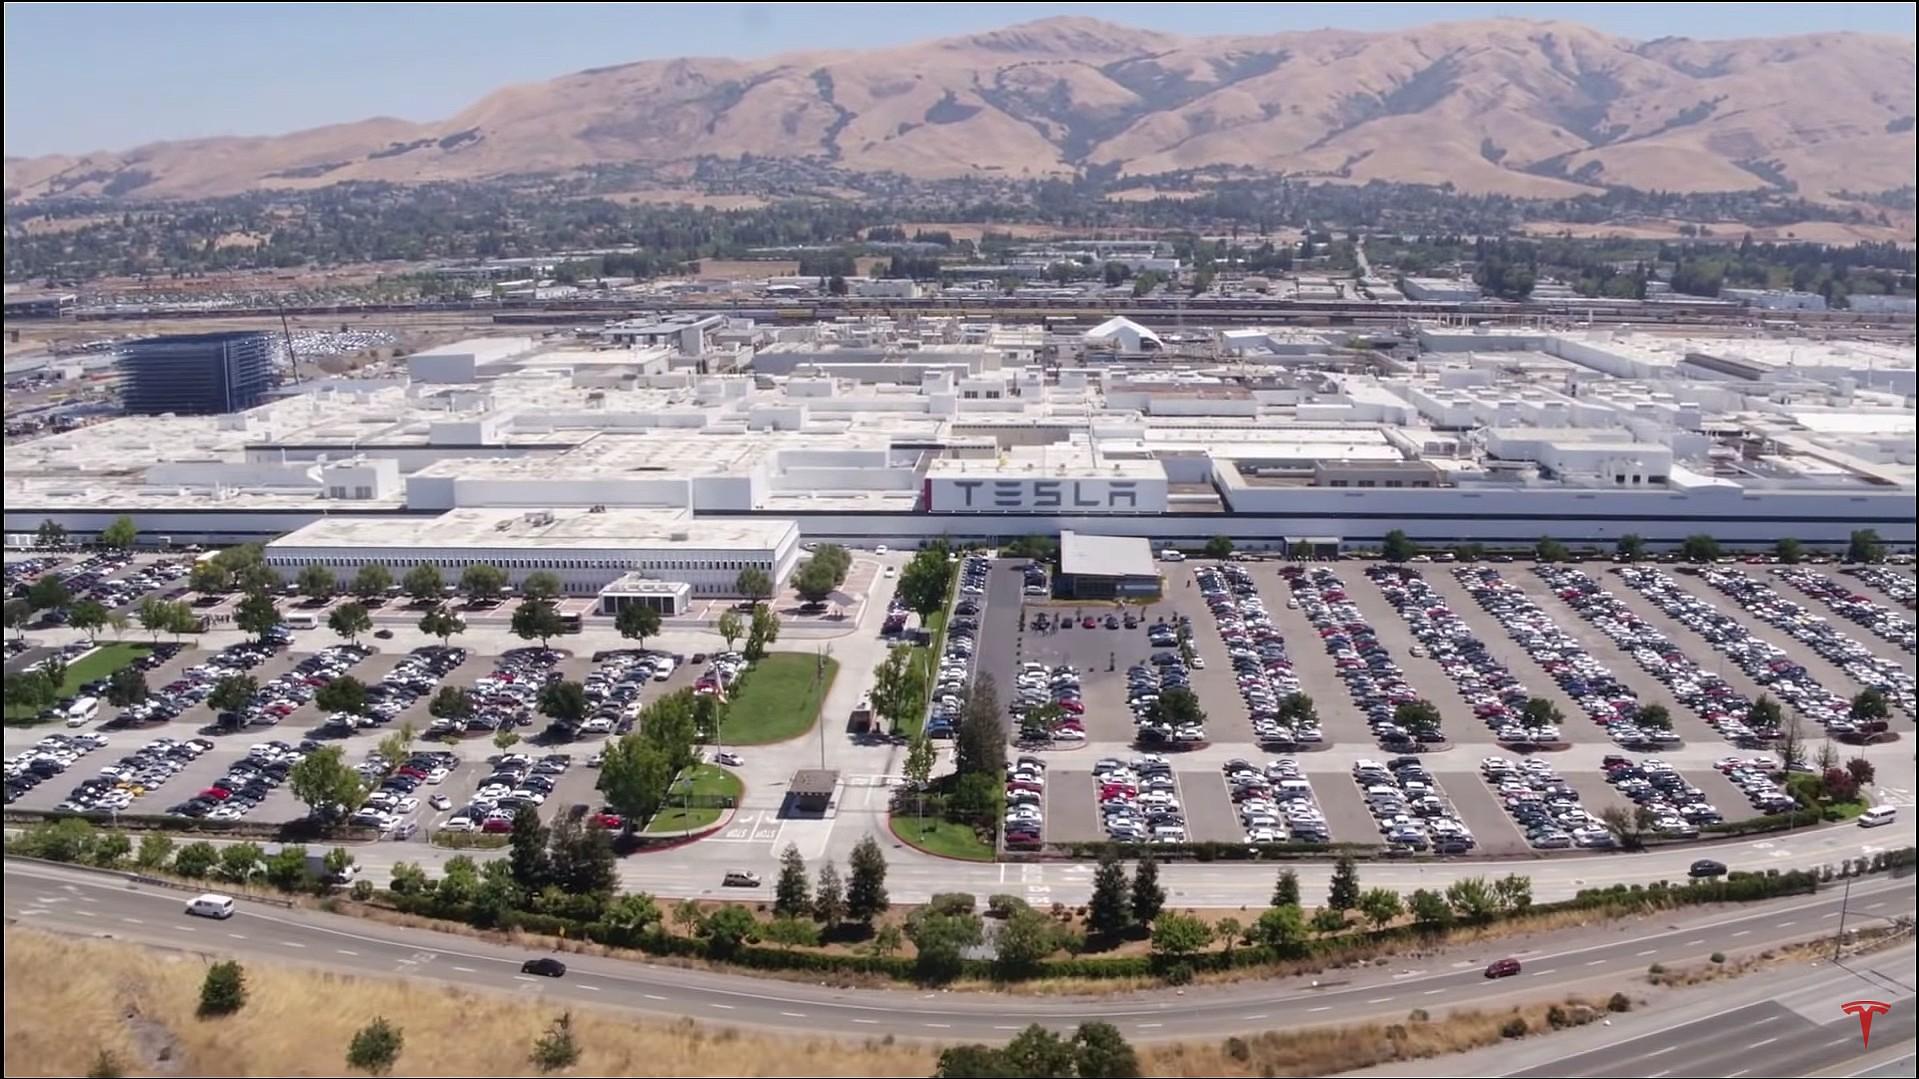 Obrazek przedstawia fabrykę firmy Tesla znajdującą się w kalifornijskim mieście Fremont.